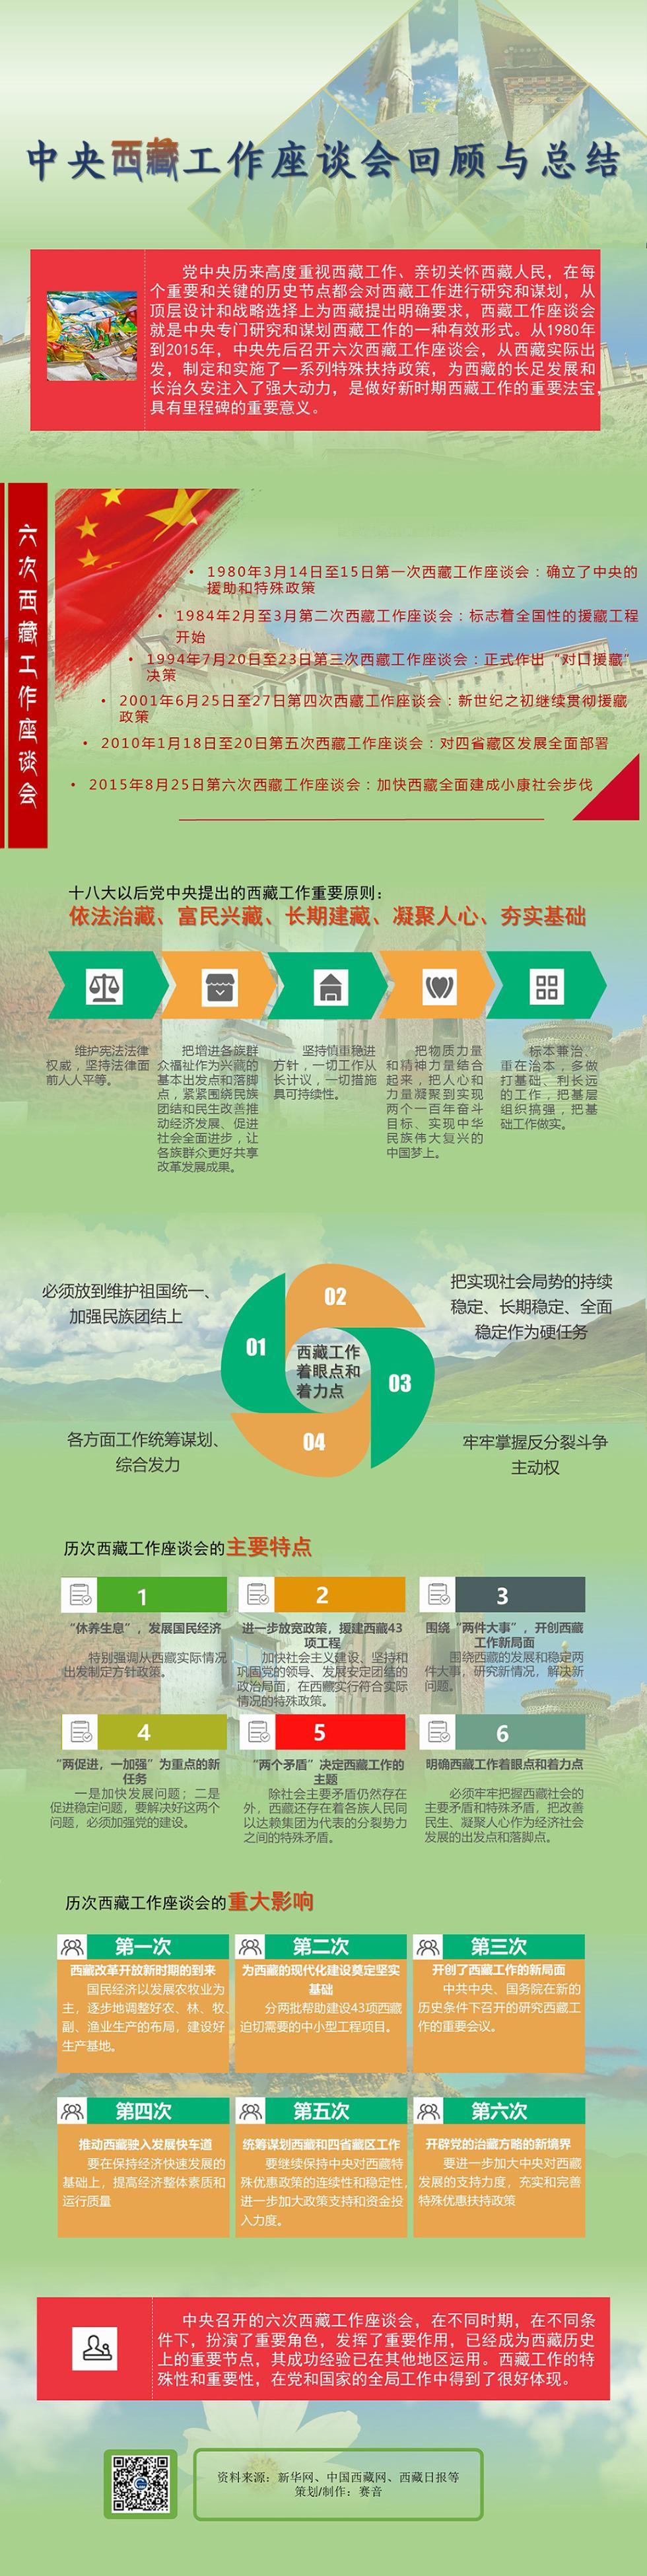 中央西藏工作座谈会回顾与总结